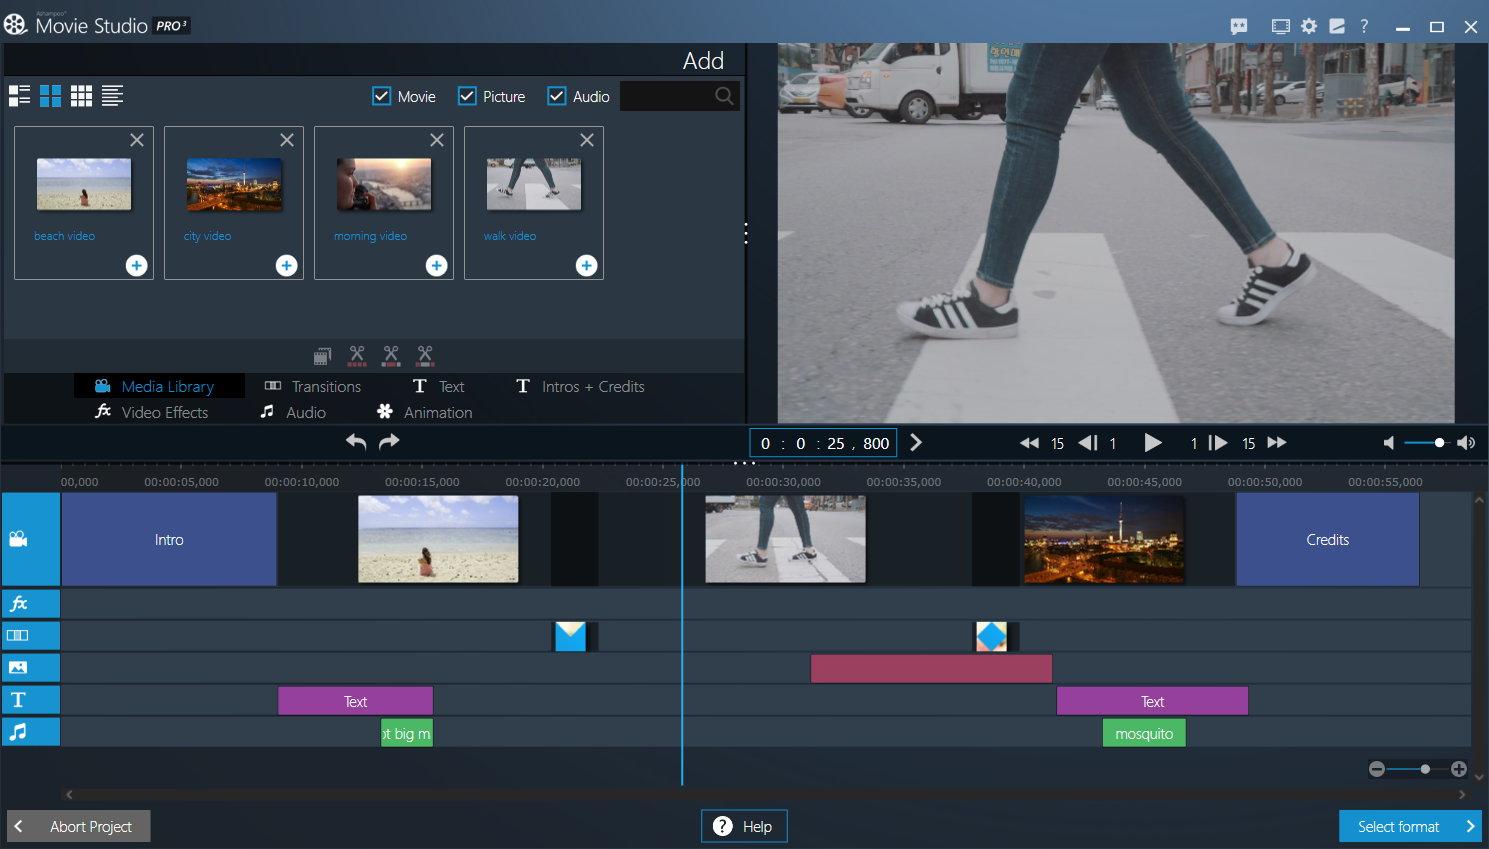 Movie Studio Pro 3